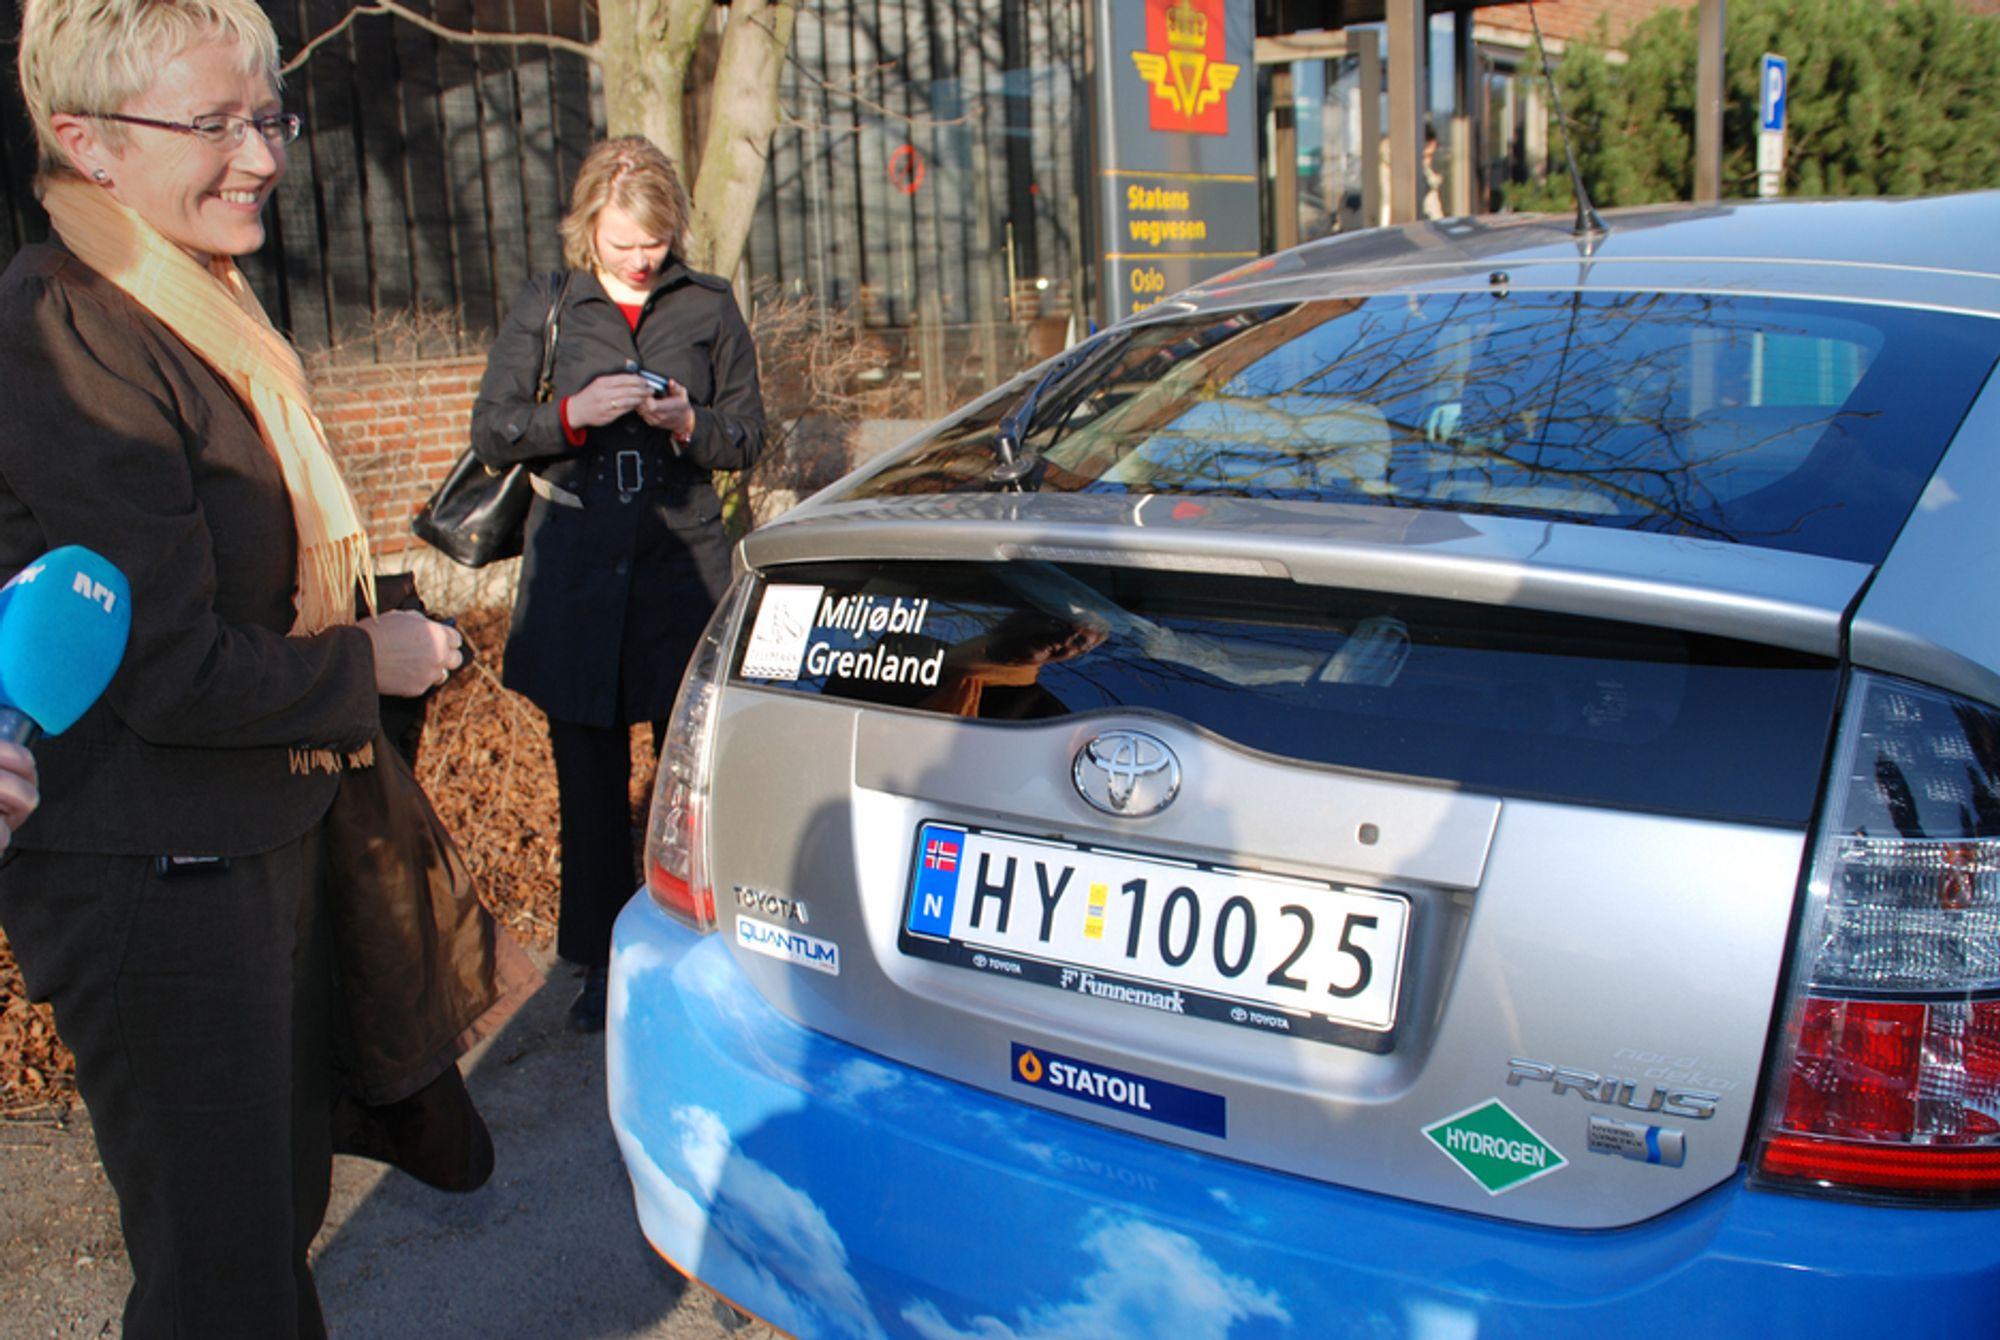 Dersom samferdselsministeren får mange slike hydrogenbiler på veiene, kan hun få nye sikkerhetsutfordringer knyttet til tunneler, hevder britiske forskere.